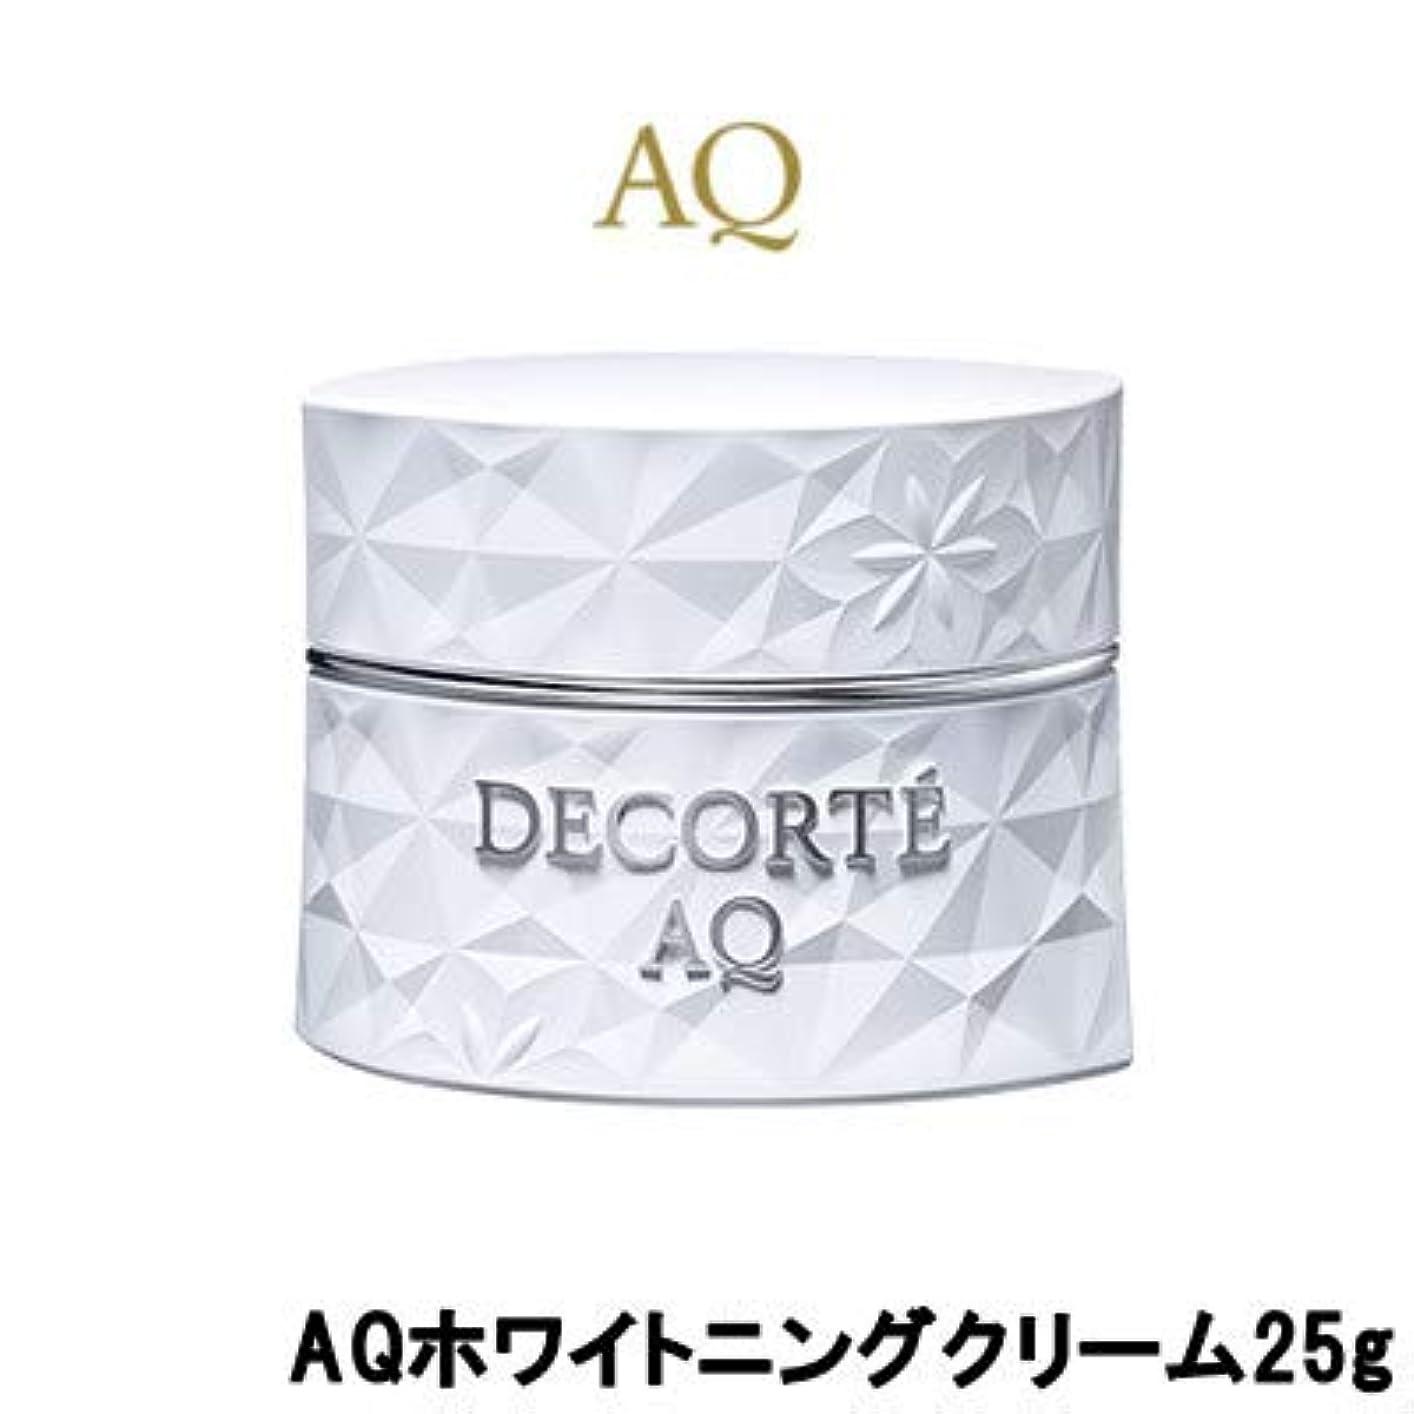 断言するスクランブル概念コーセー コスメデコルテ AQ ホワイトニング クリーム 25g